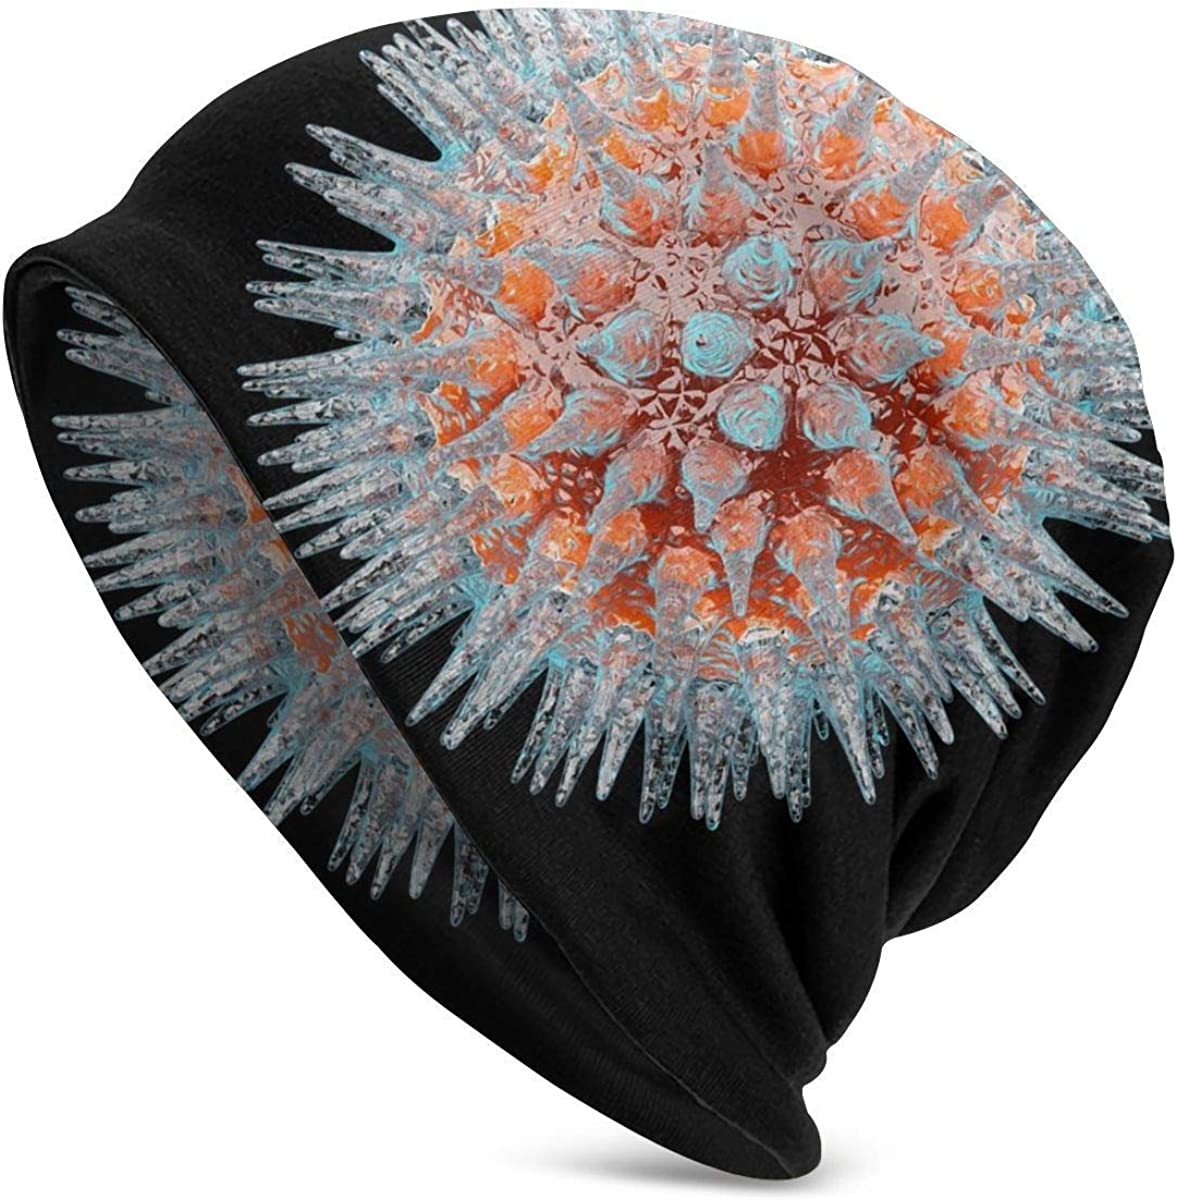 Sombrero de Punto Adulto Unisex, Beanie Hat Virus bajo microscopio Patrón de diseño Sombrero de Moda Sombrero de Hip Hop Sombrero de Personalidad Negro: Amazon.es: Ropa y accesorios